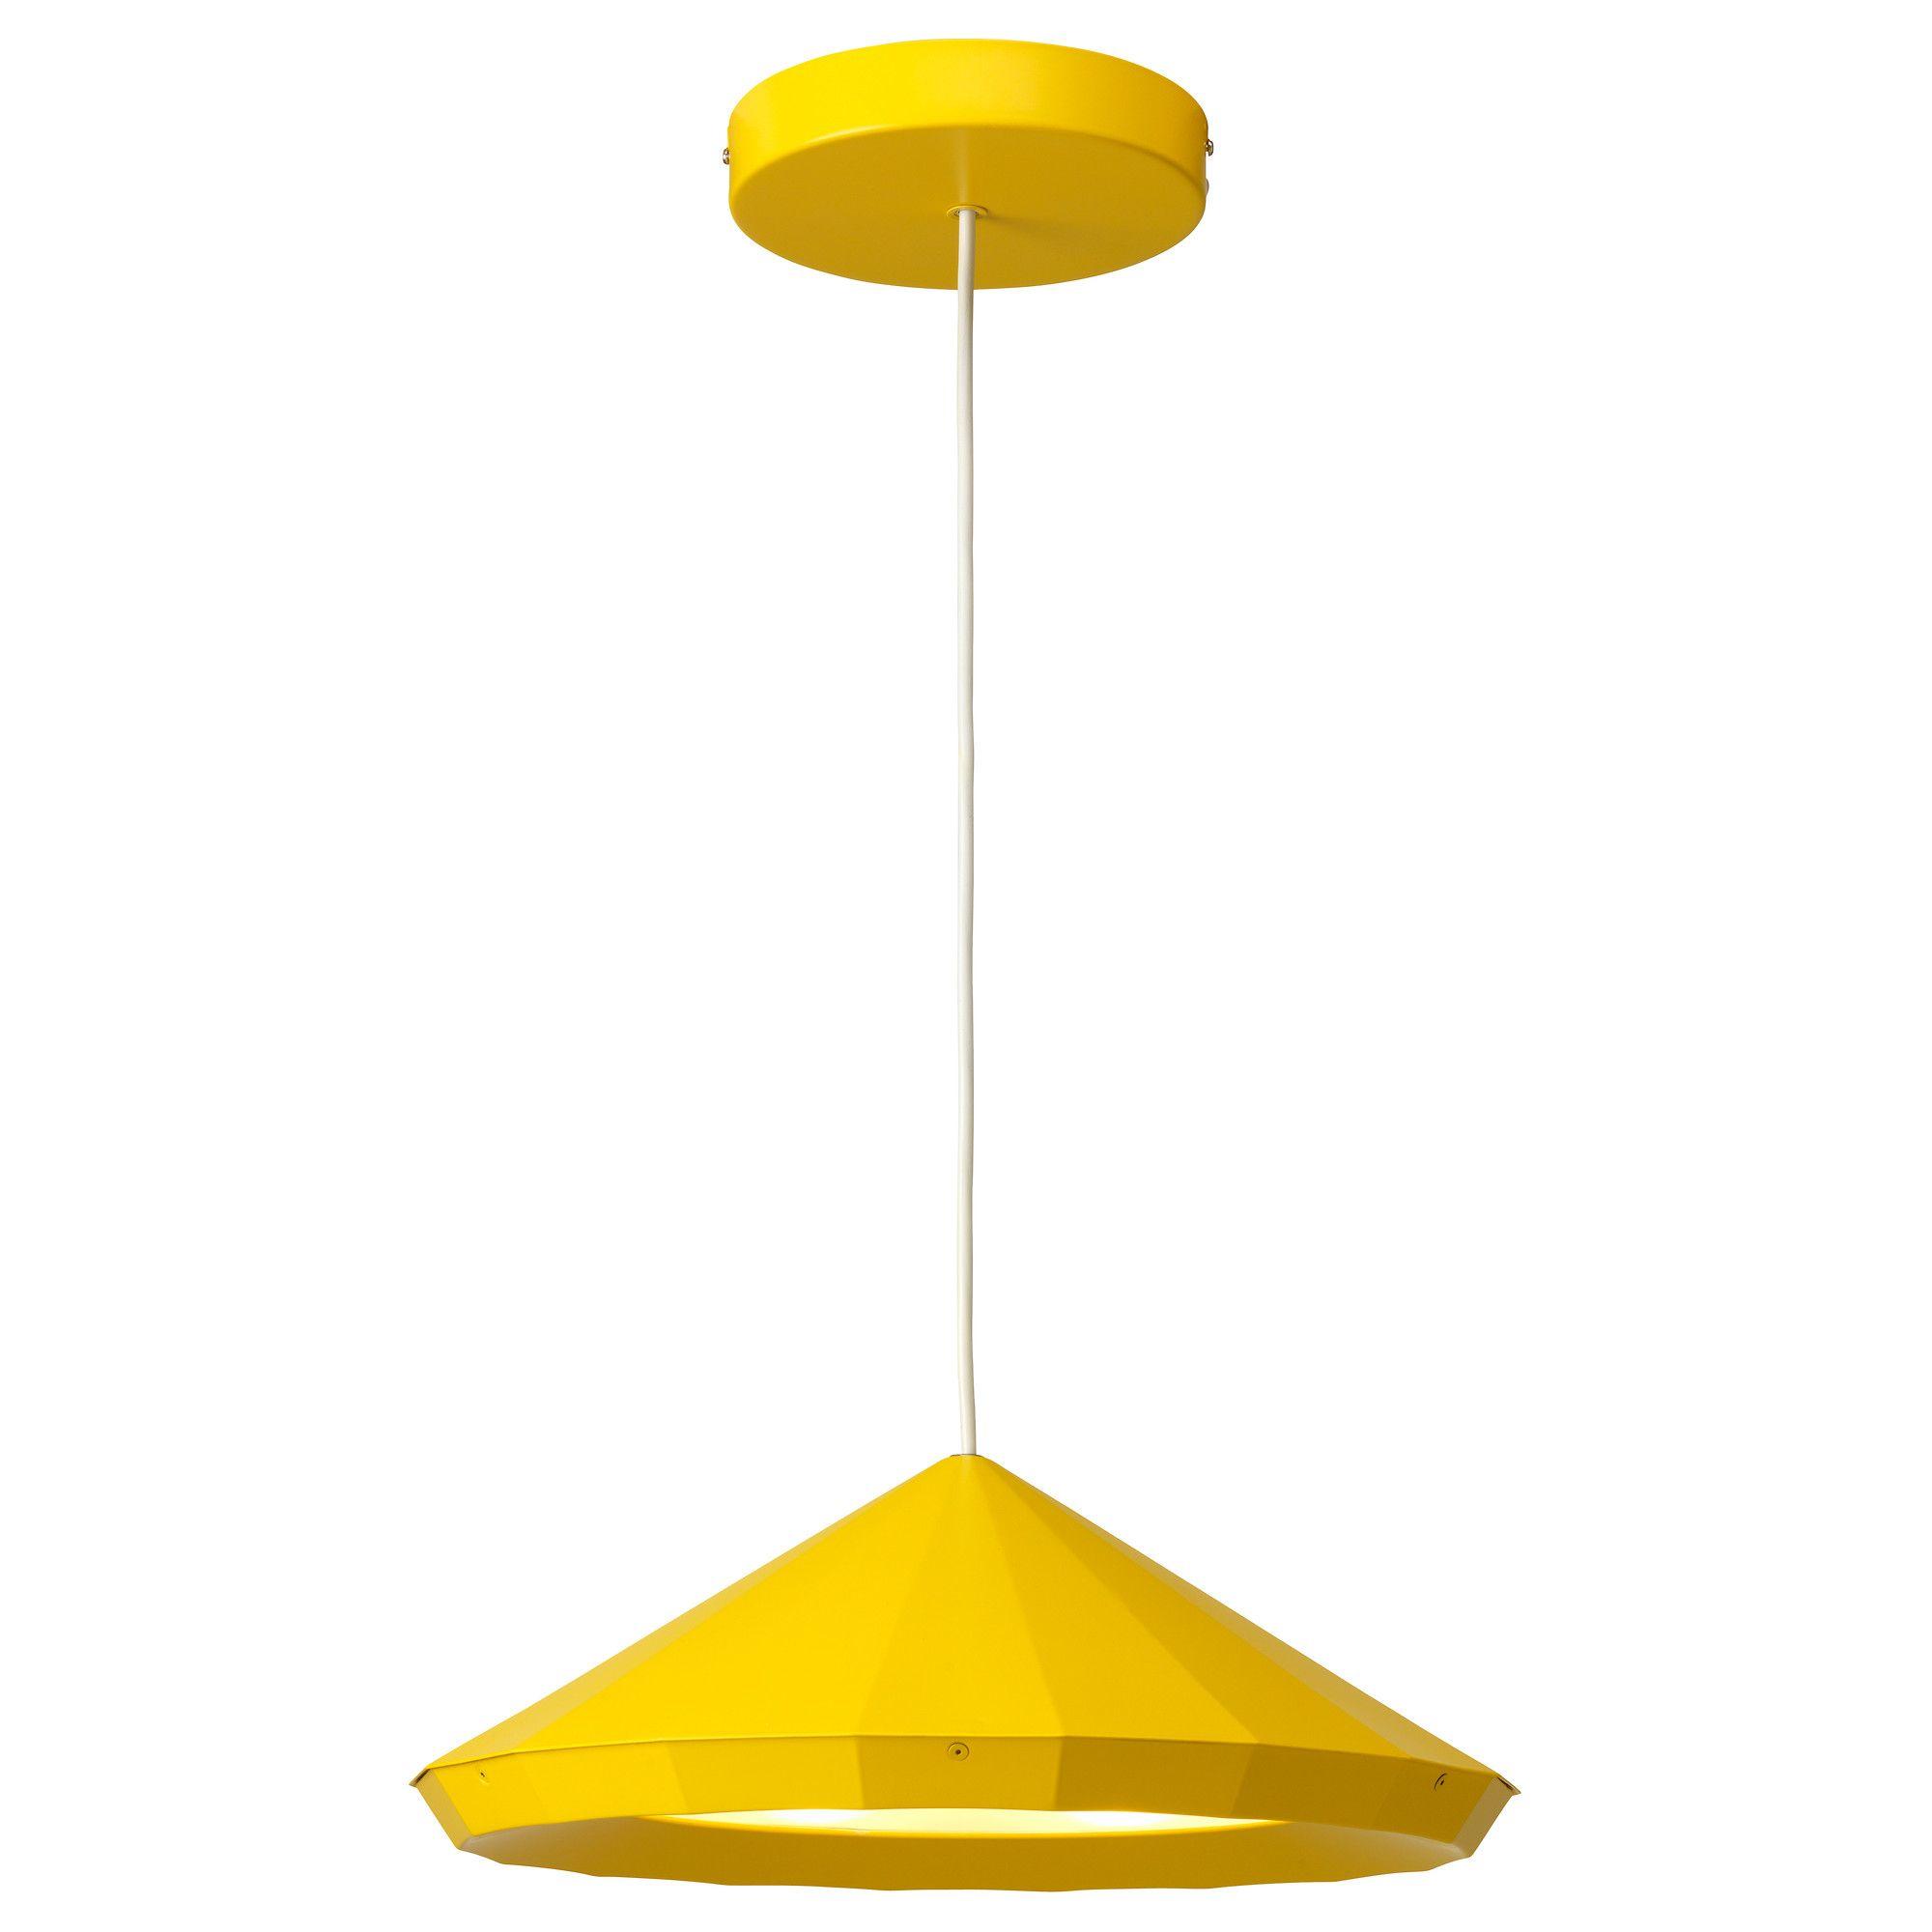 Ikea Nederland Interieur Online Bestellen Ikea Ps 2012 Ikea Chandelier Geometric Lamp